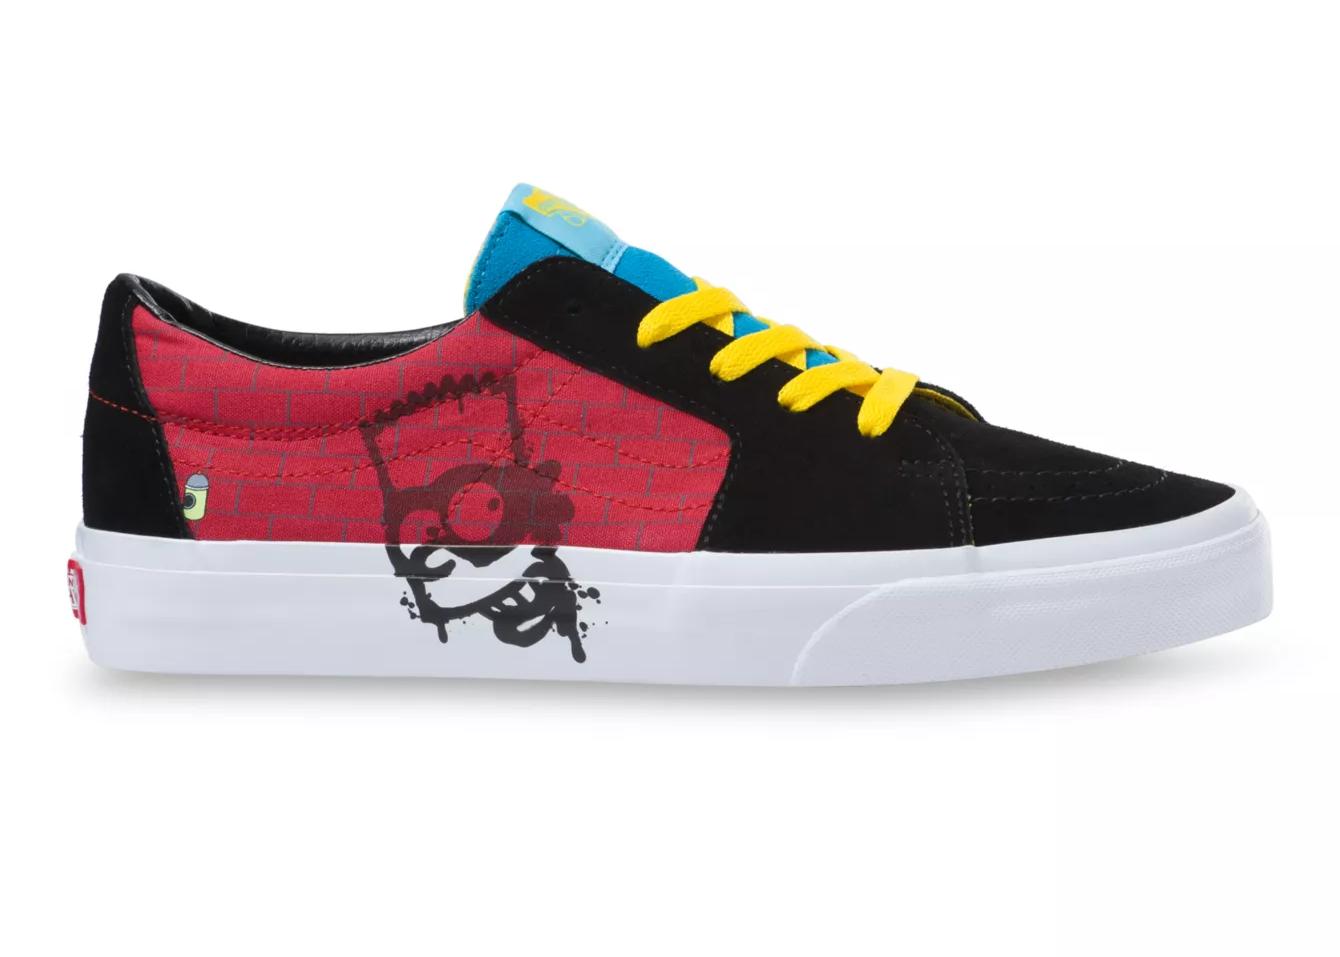 Vans Sk8-Low The Simpsons El Barto